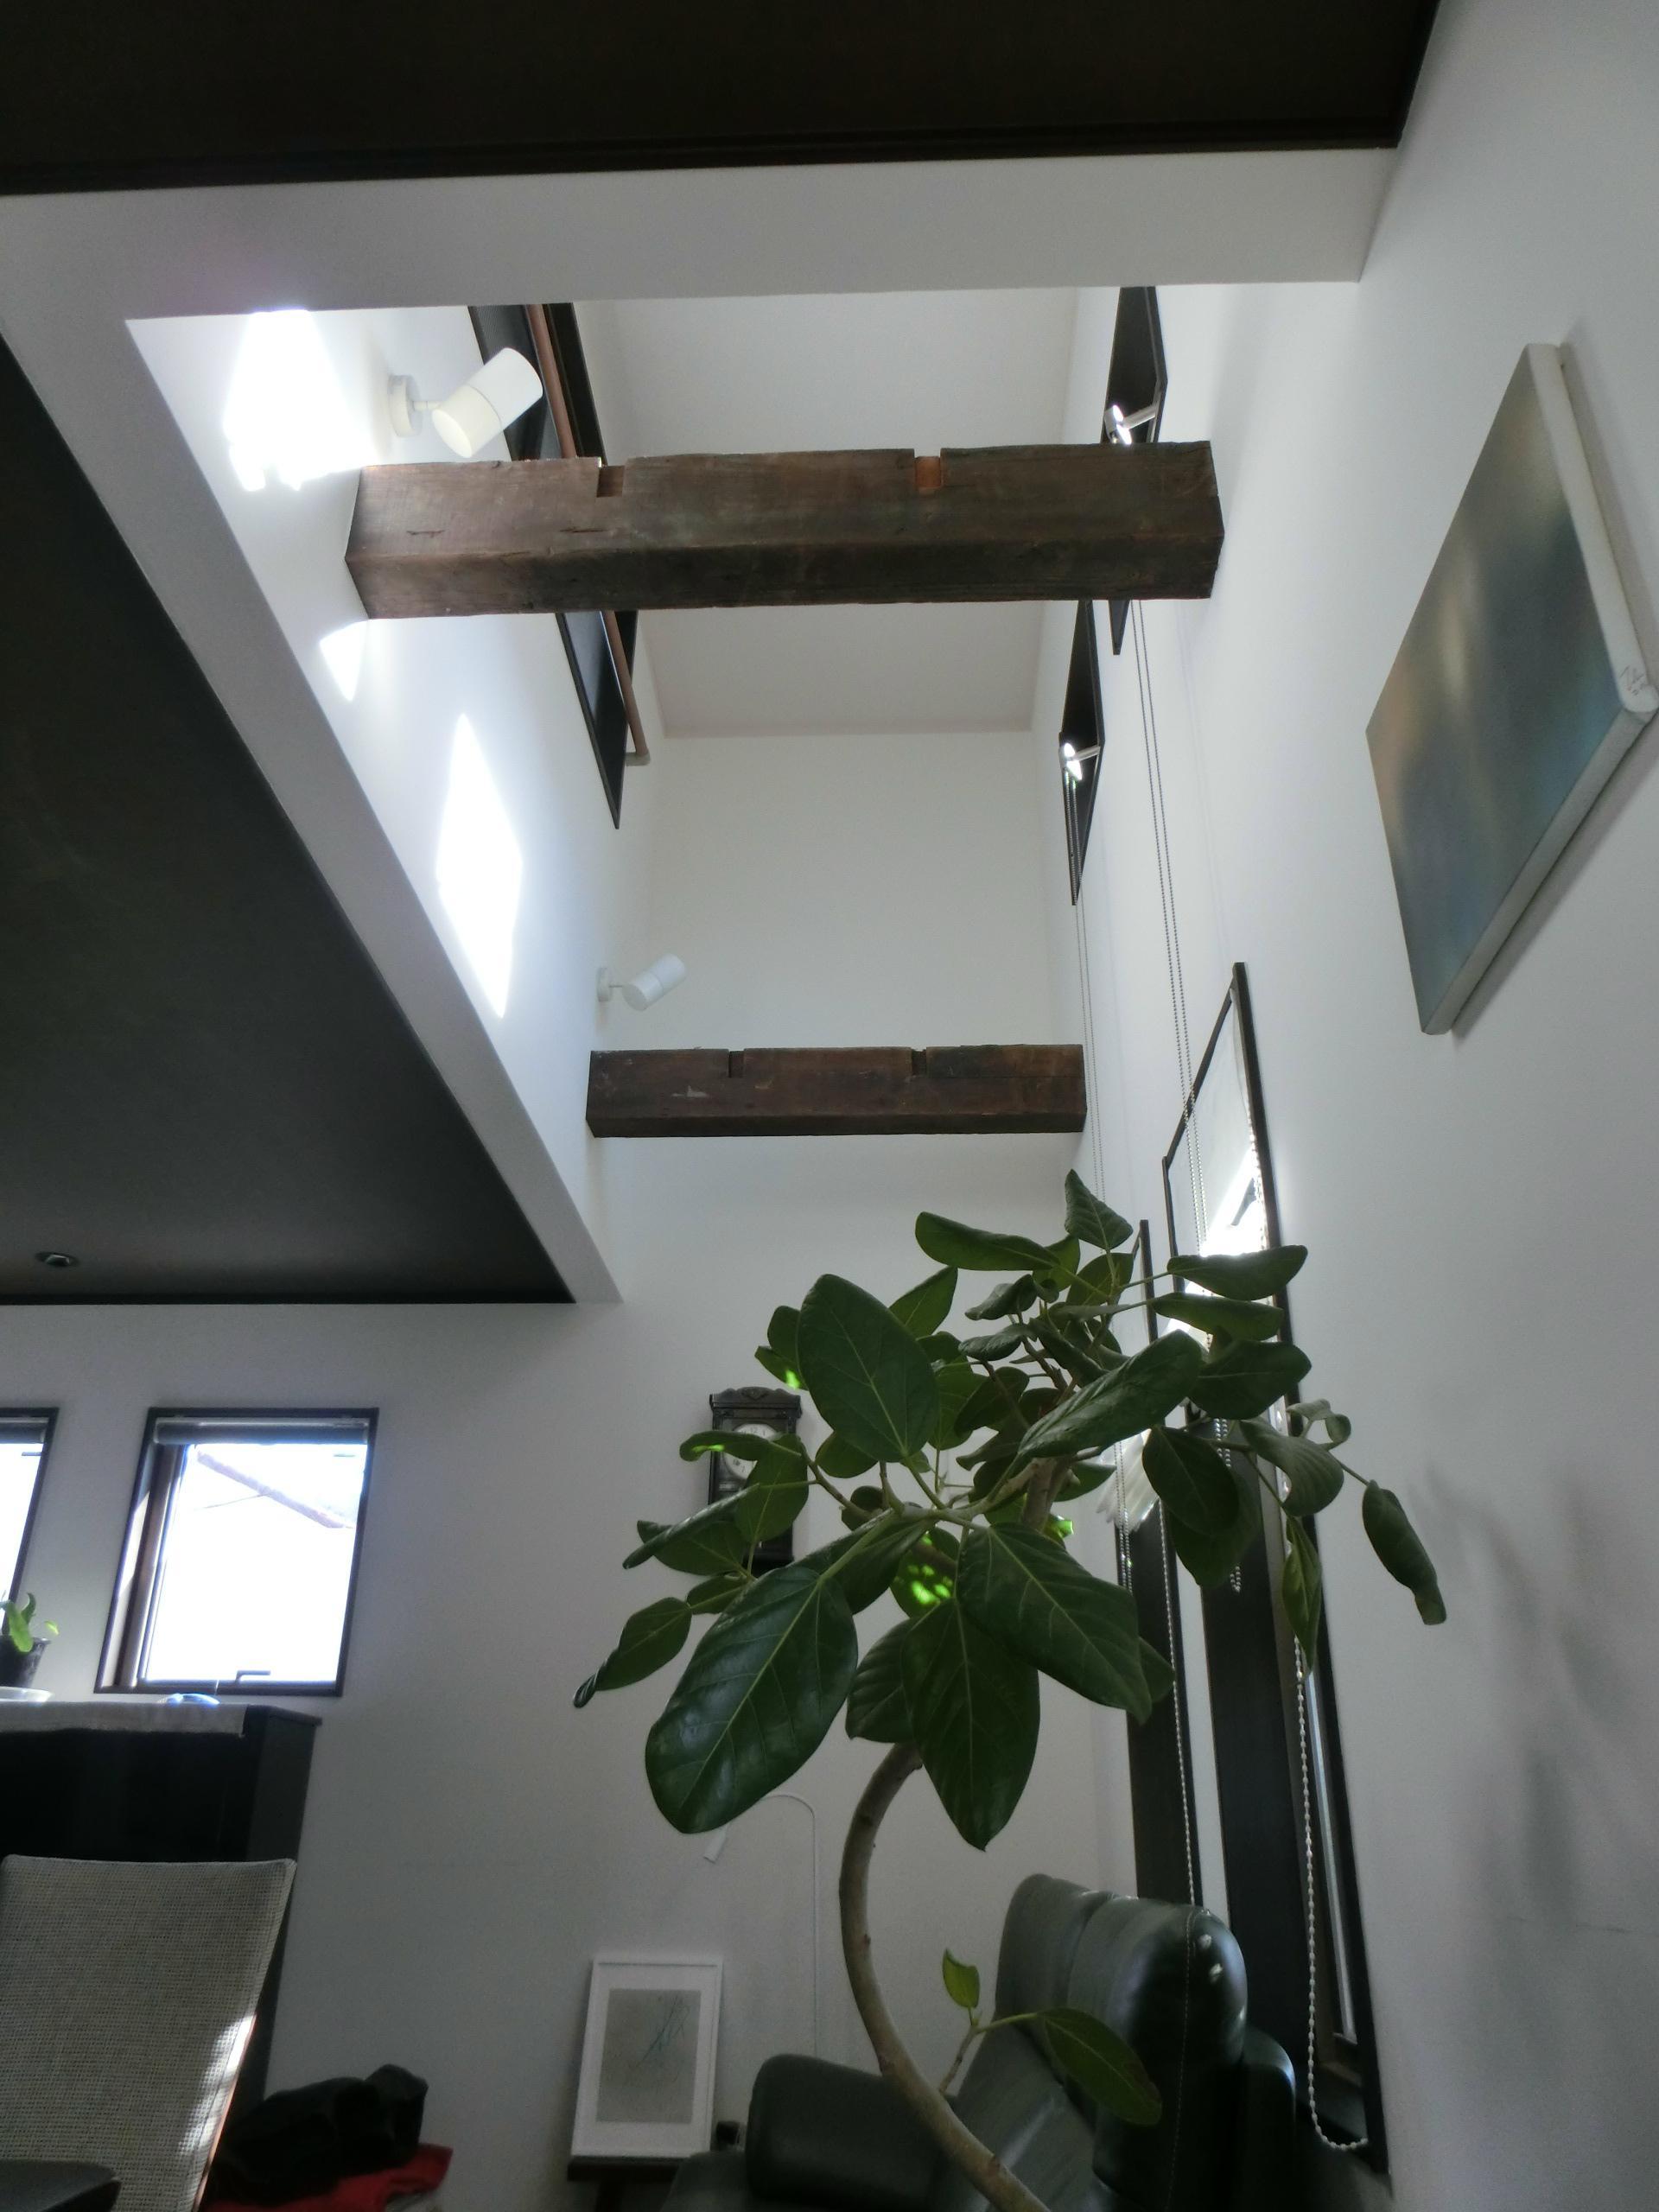 『手わざのコダワリ』と新しい建築技術の融合:東京都杉並区K様邸の写真 2階吹き抜け